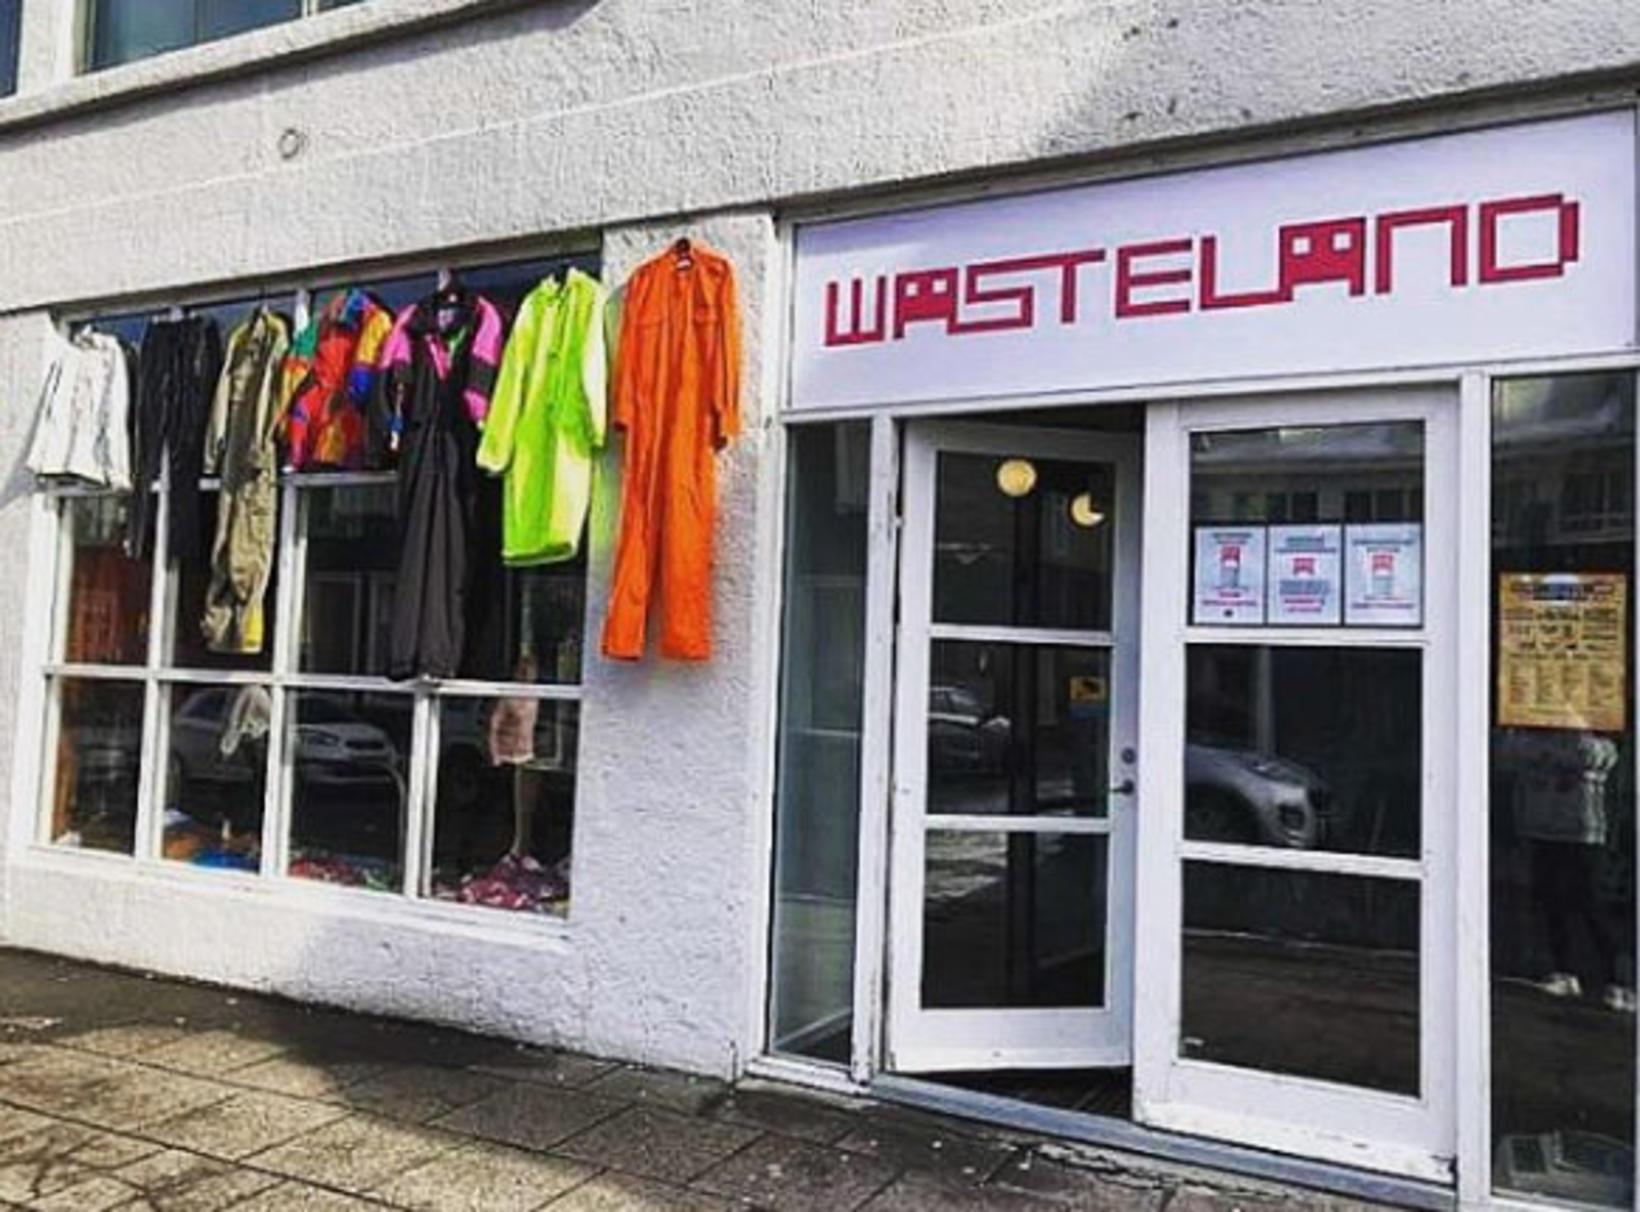 Wasteland verslunin er að Ingólfstræti 5.